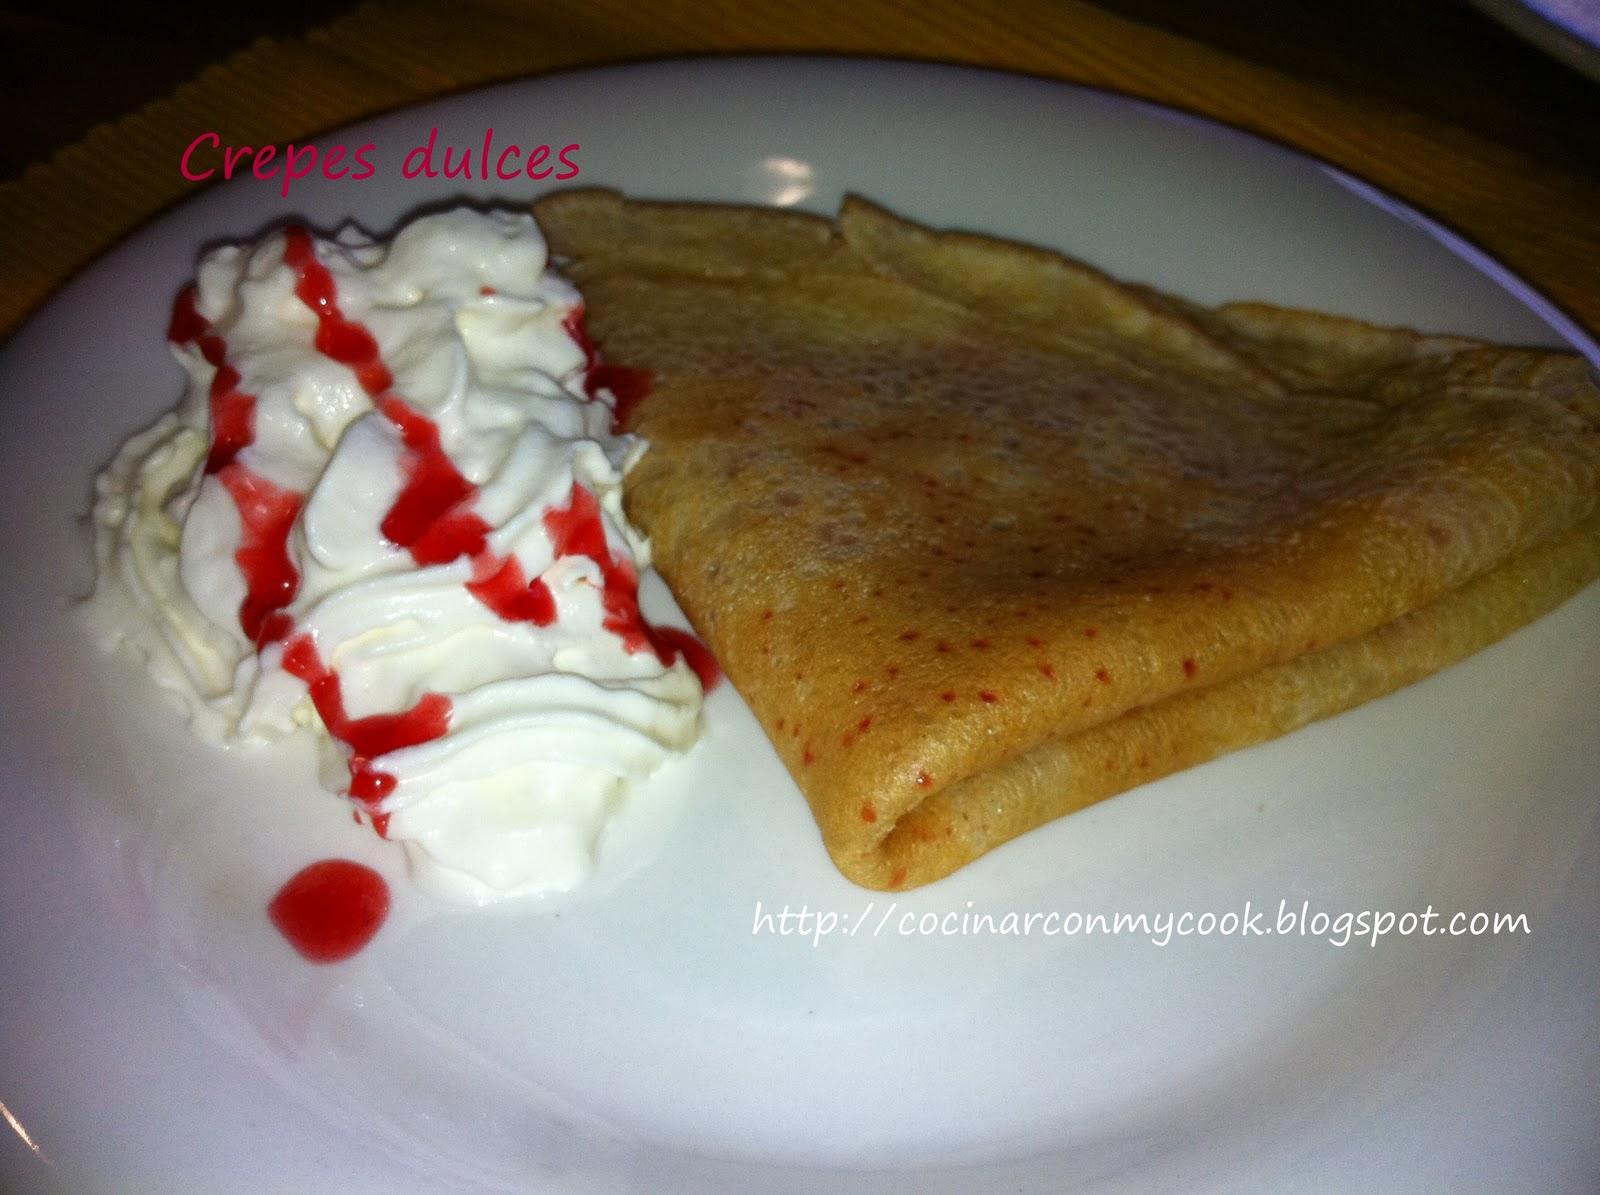 Cocinar con mycook crepes dulces for Como cocinar crepes